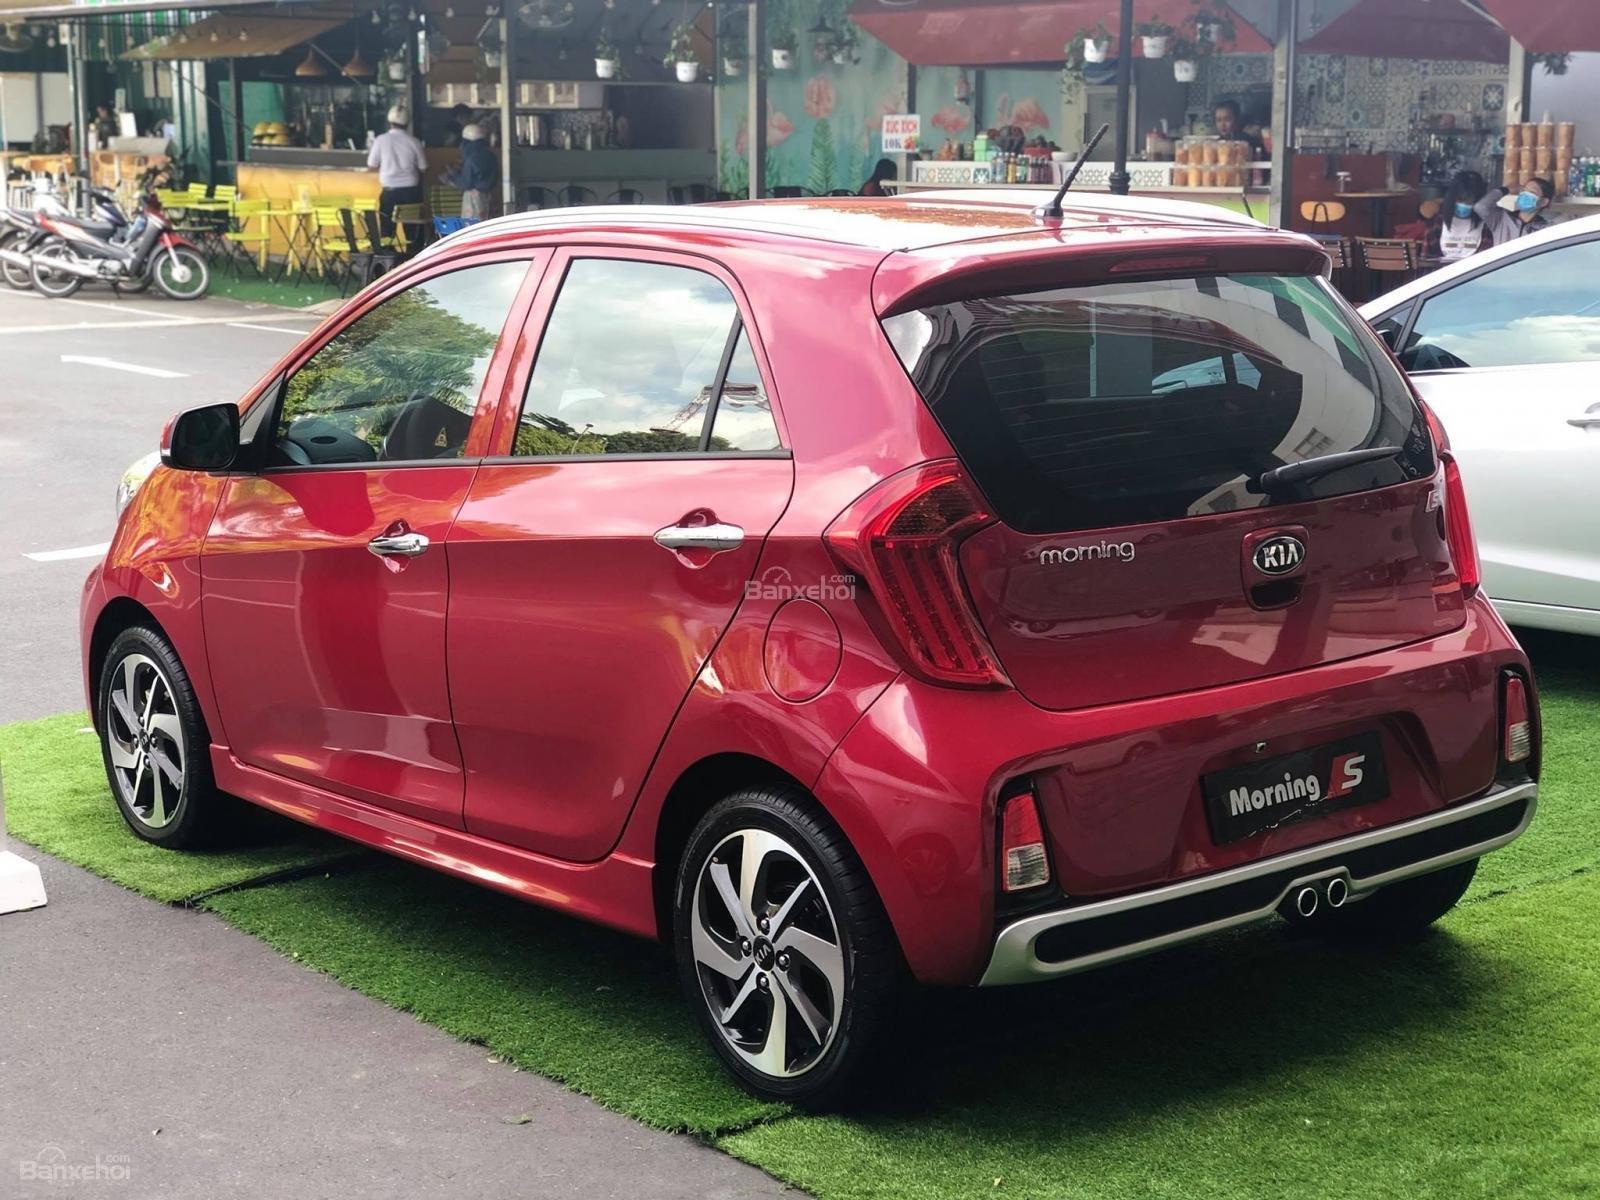 Kia Morning 2019 phiên bản mới giá 355 triệu đồng chính thức bán tại đại lý, giao xe ngay - Ảnh 3.